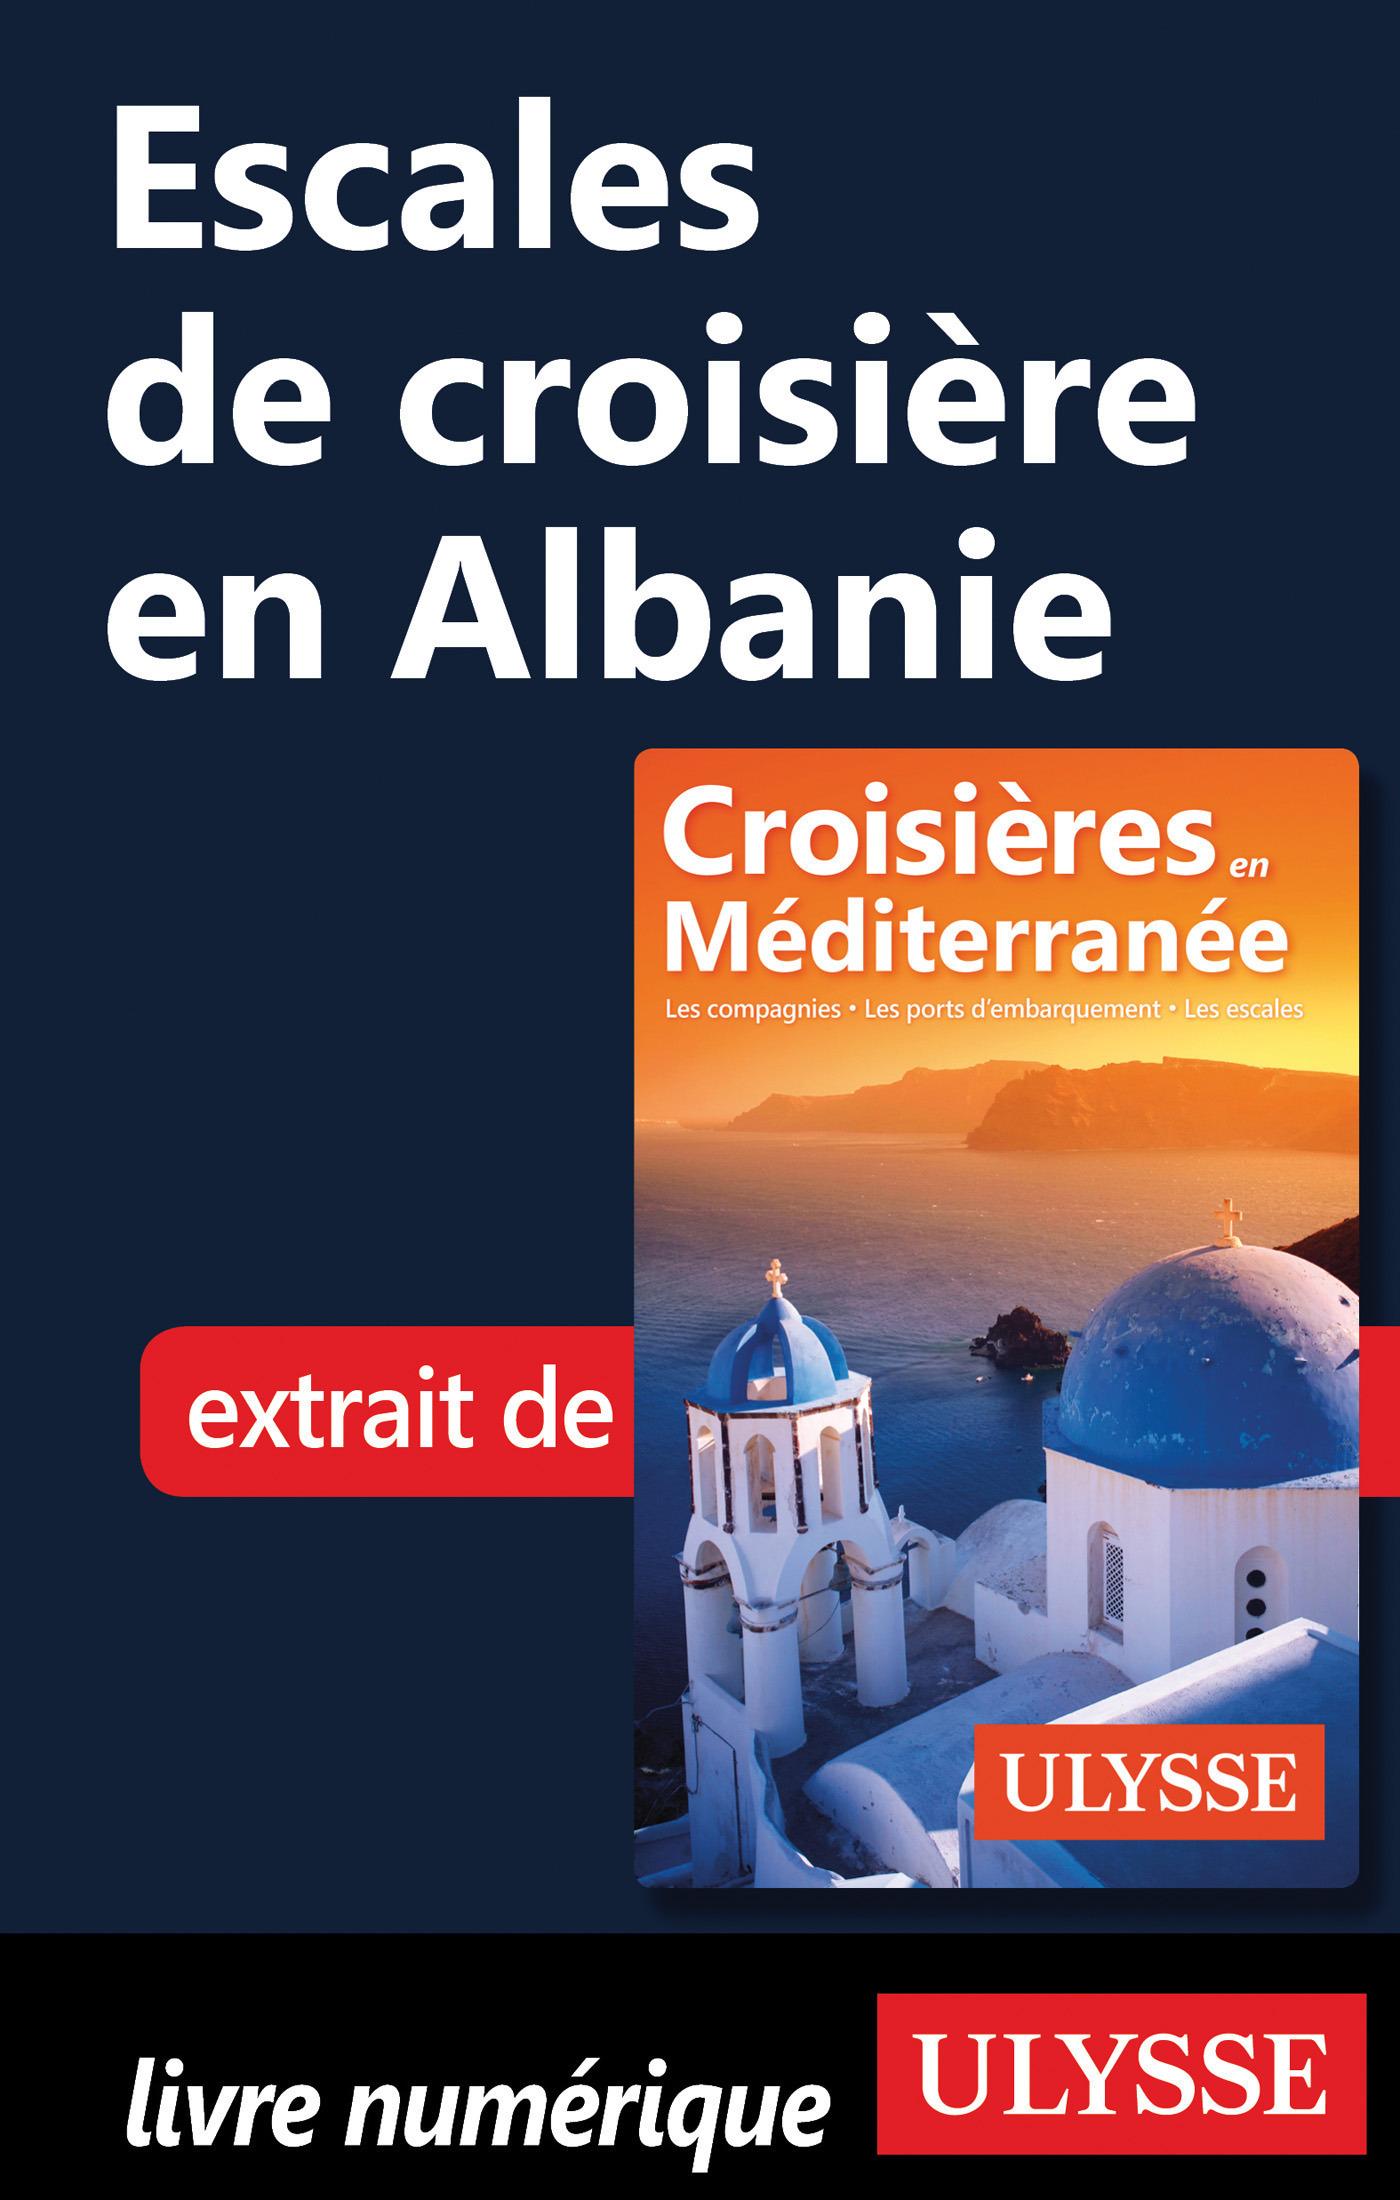 Escales de croisière en Albanie